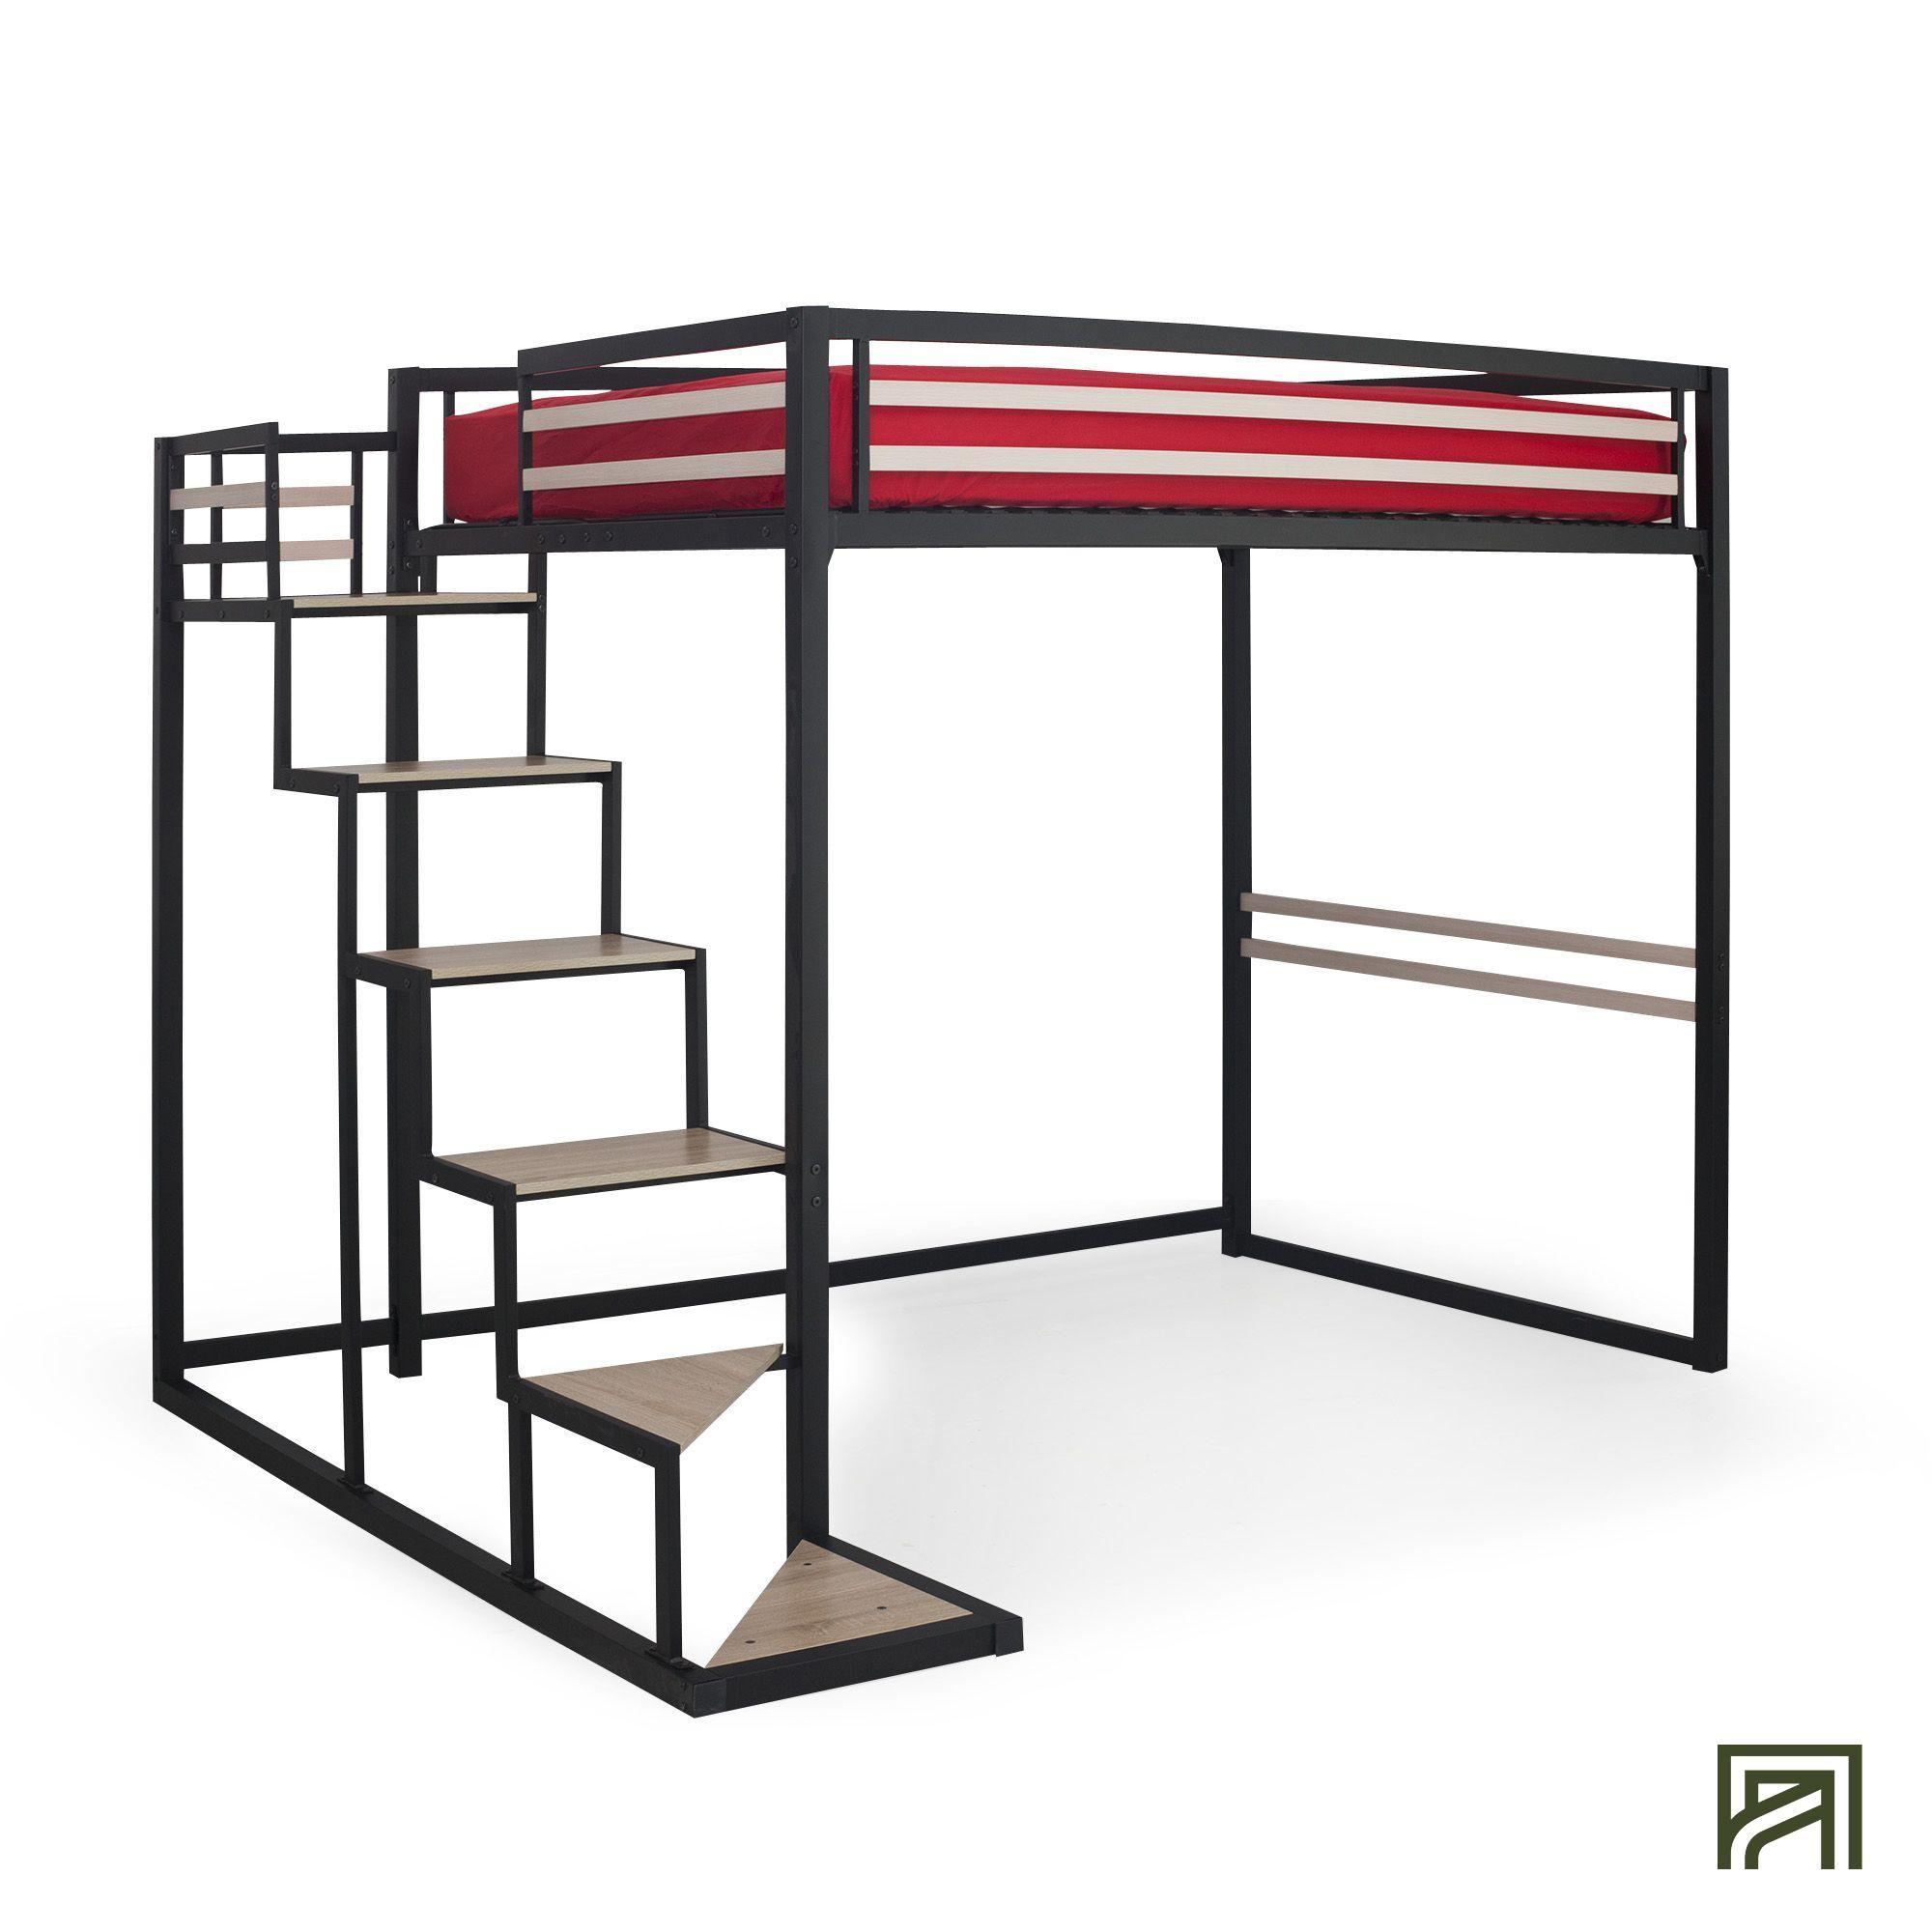 Lit Mezzanine Escalier Cube Épinglé sur villa bel azur